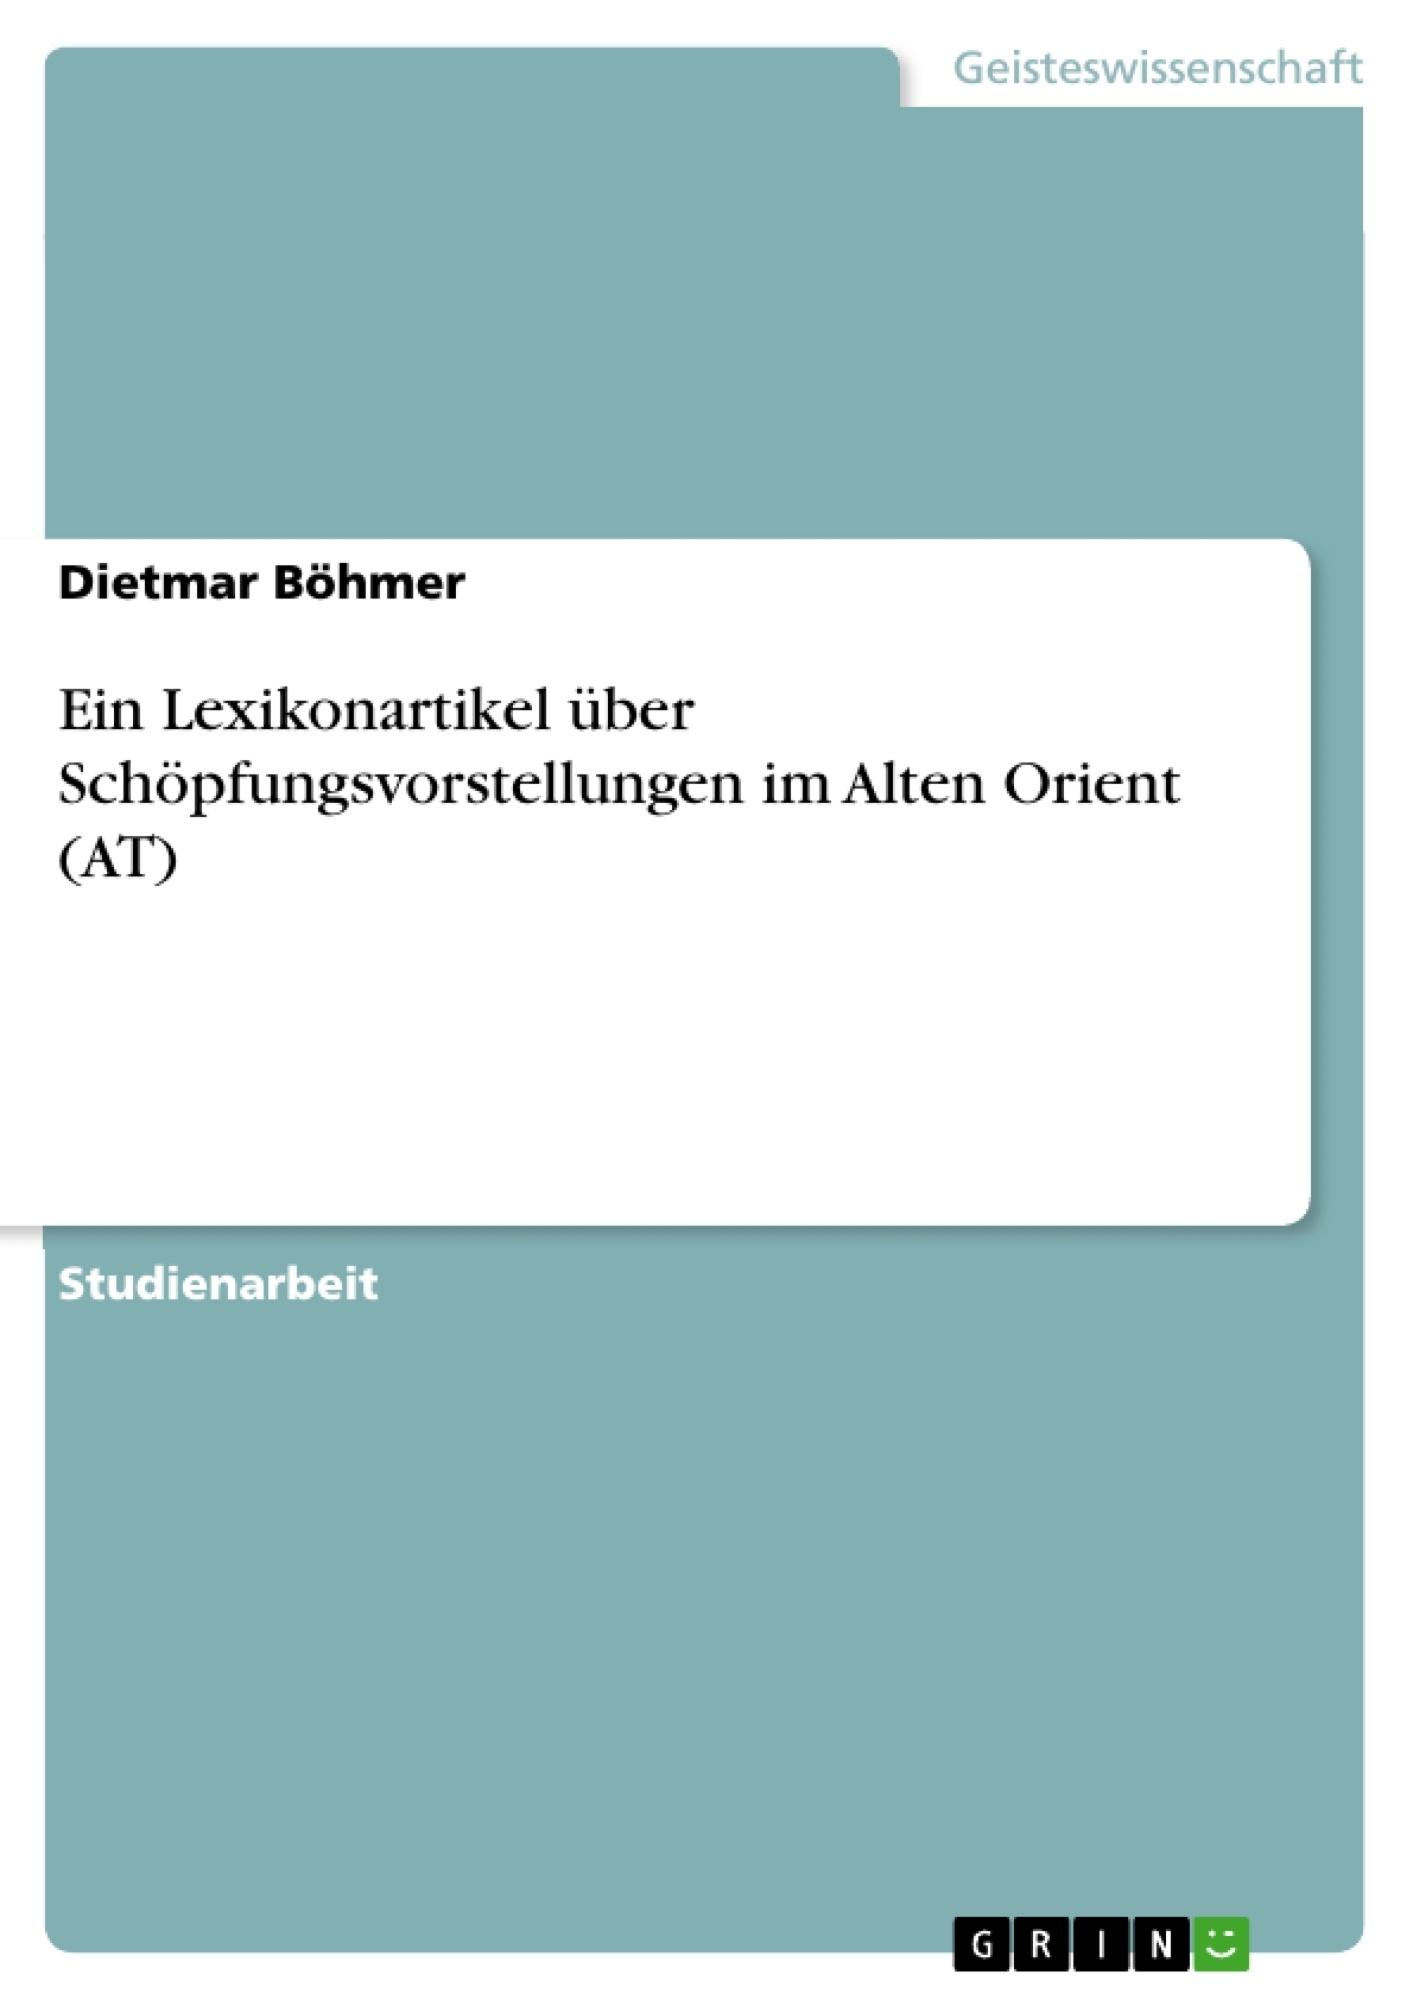 Titel: Ein Lexikonartikel über Schöpfungsvorstellungen im Alten Orient (AT)